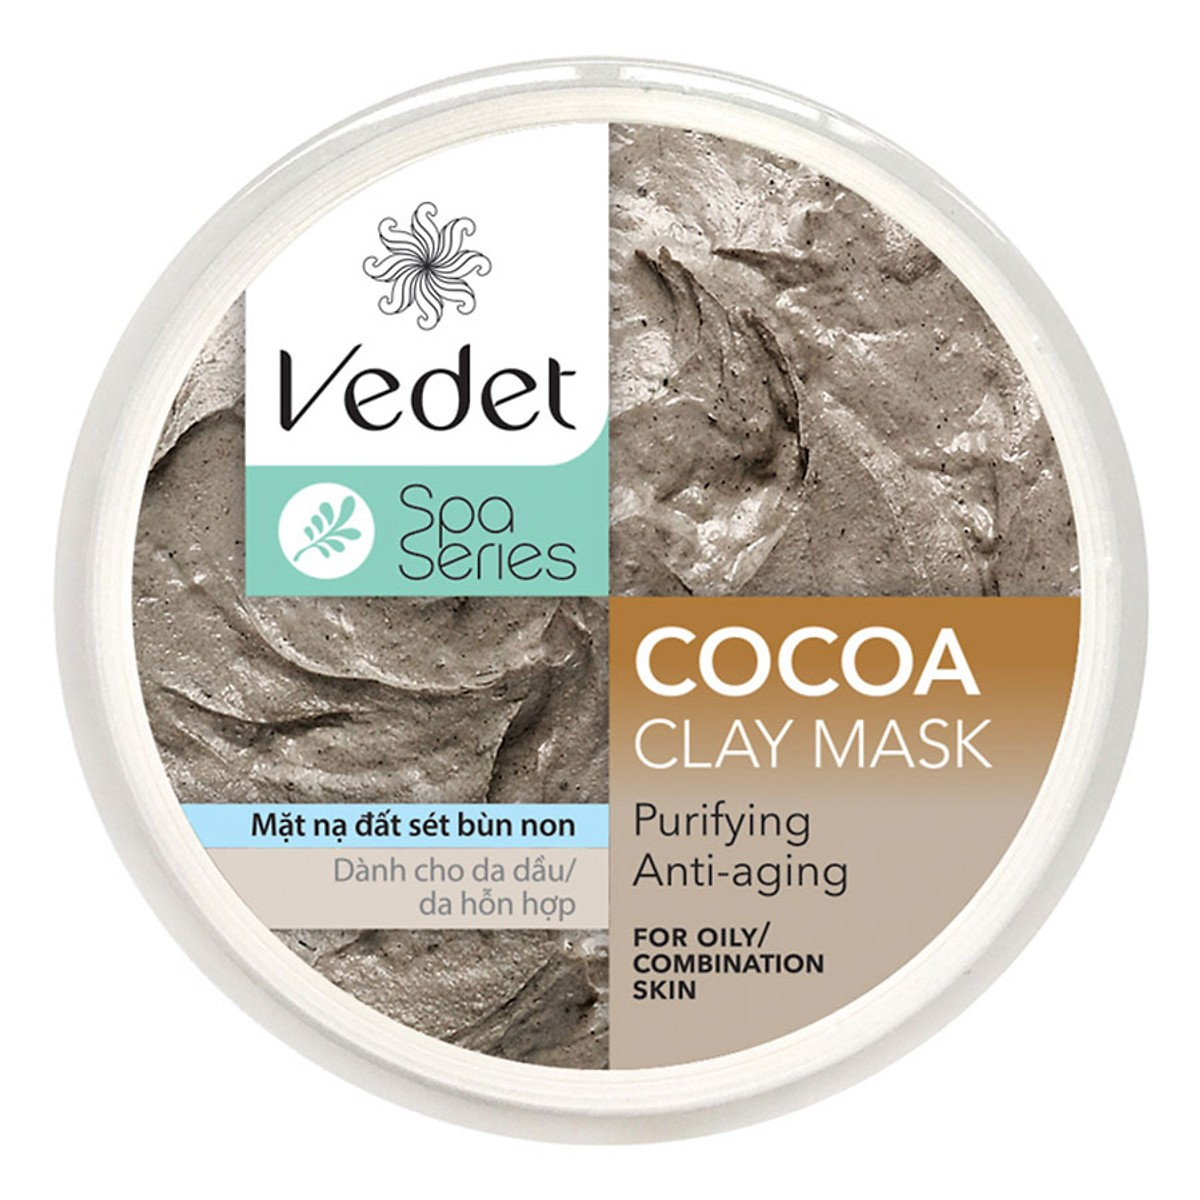 Mặt nạ đất sét Cocoa bùn non Vedet 140g